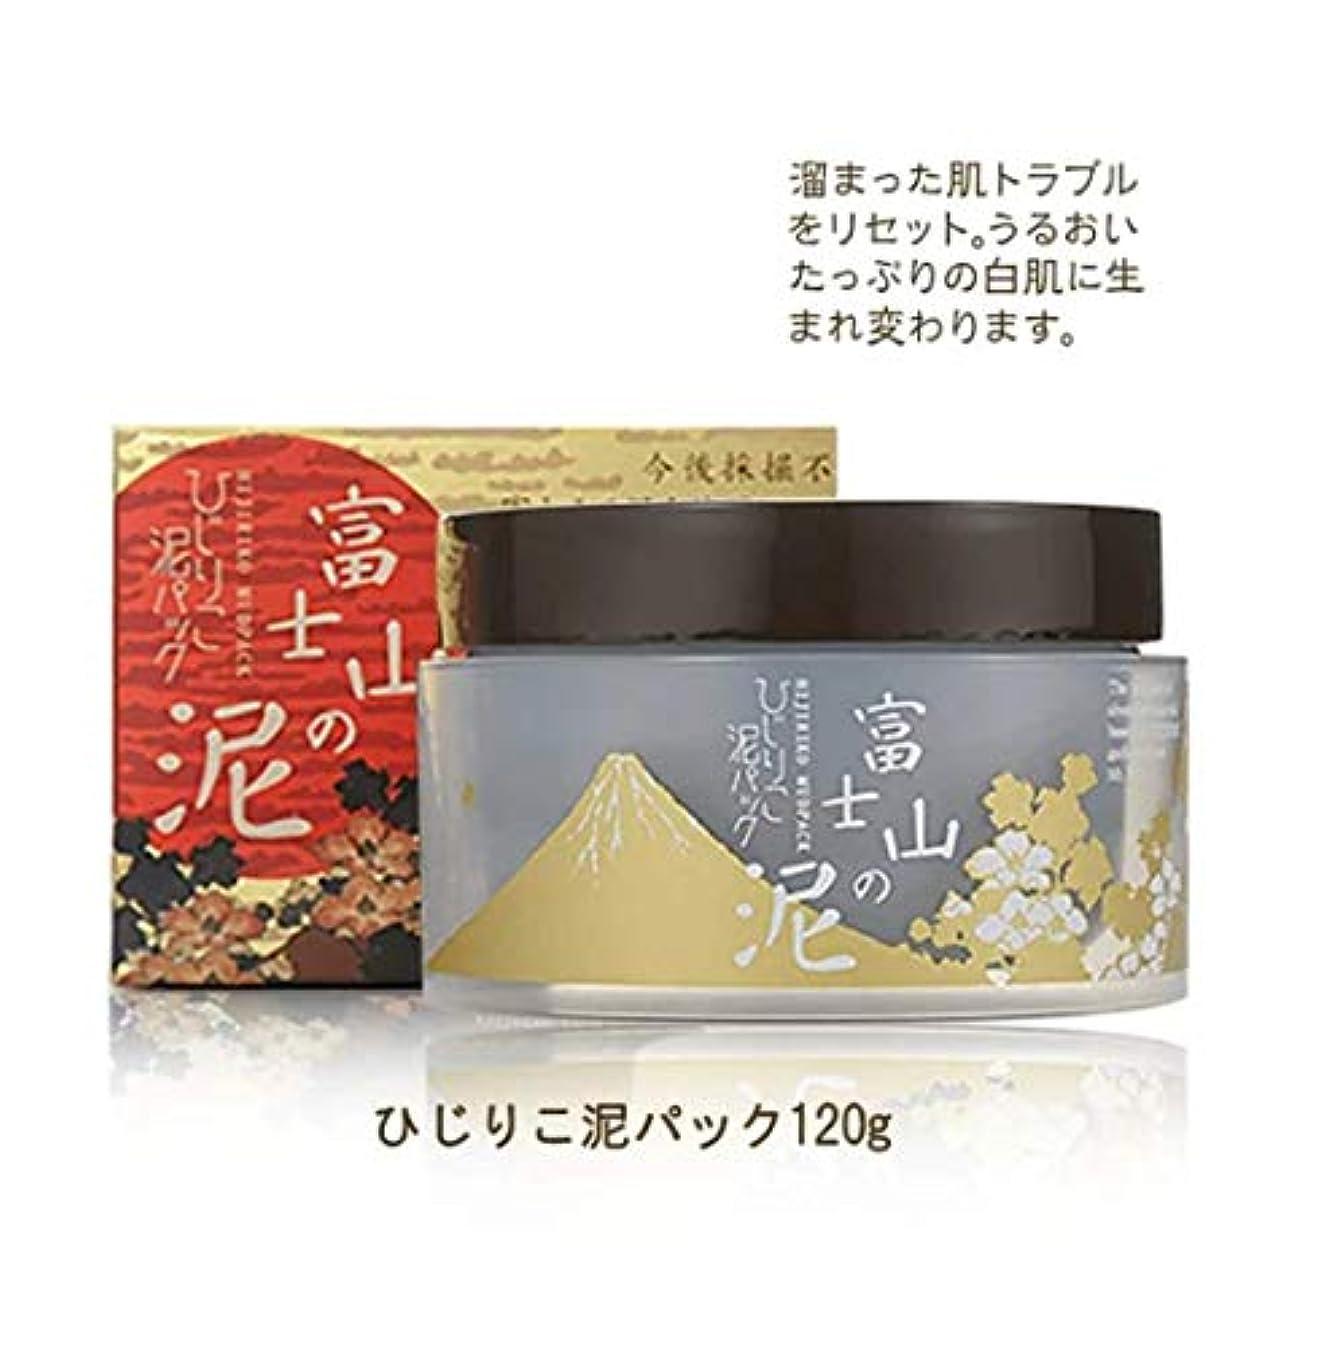 スノーケル繕うリルひじりこ化粧品 ひじりこ泥パックS 富士山の泥 120g